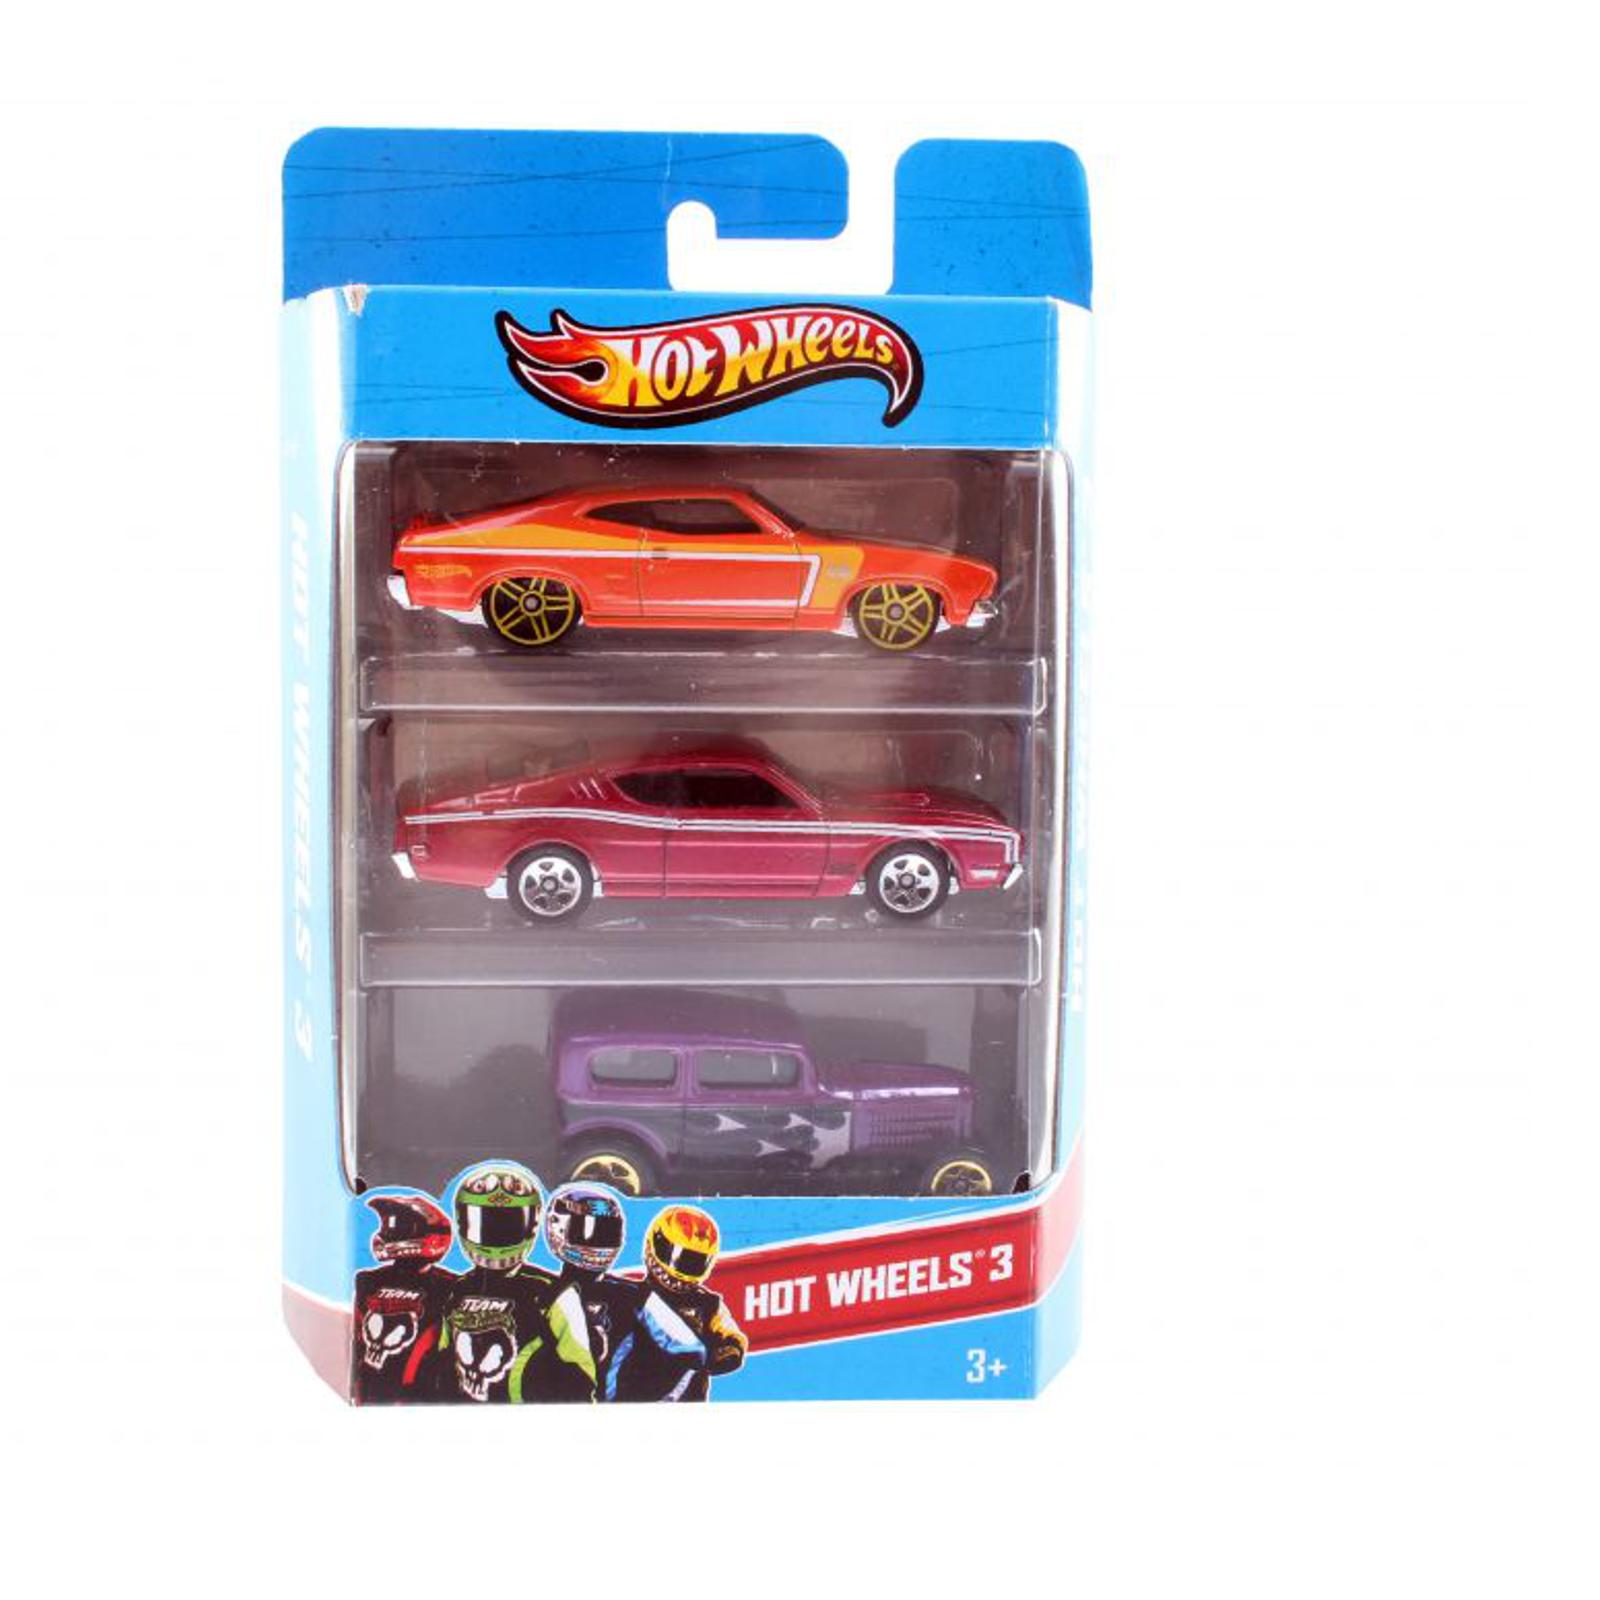 Набор машинок Hot Wheels Базовые машинки Ретро Огонь, Мускул красный, Мускул оранжевый